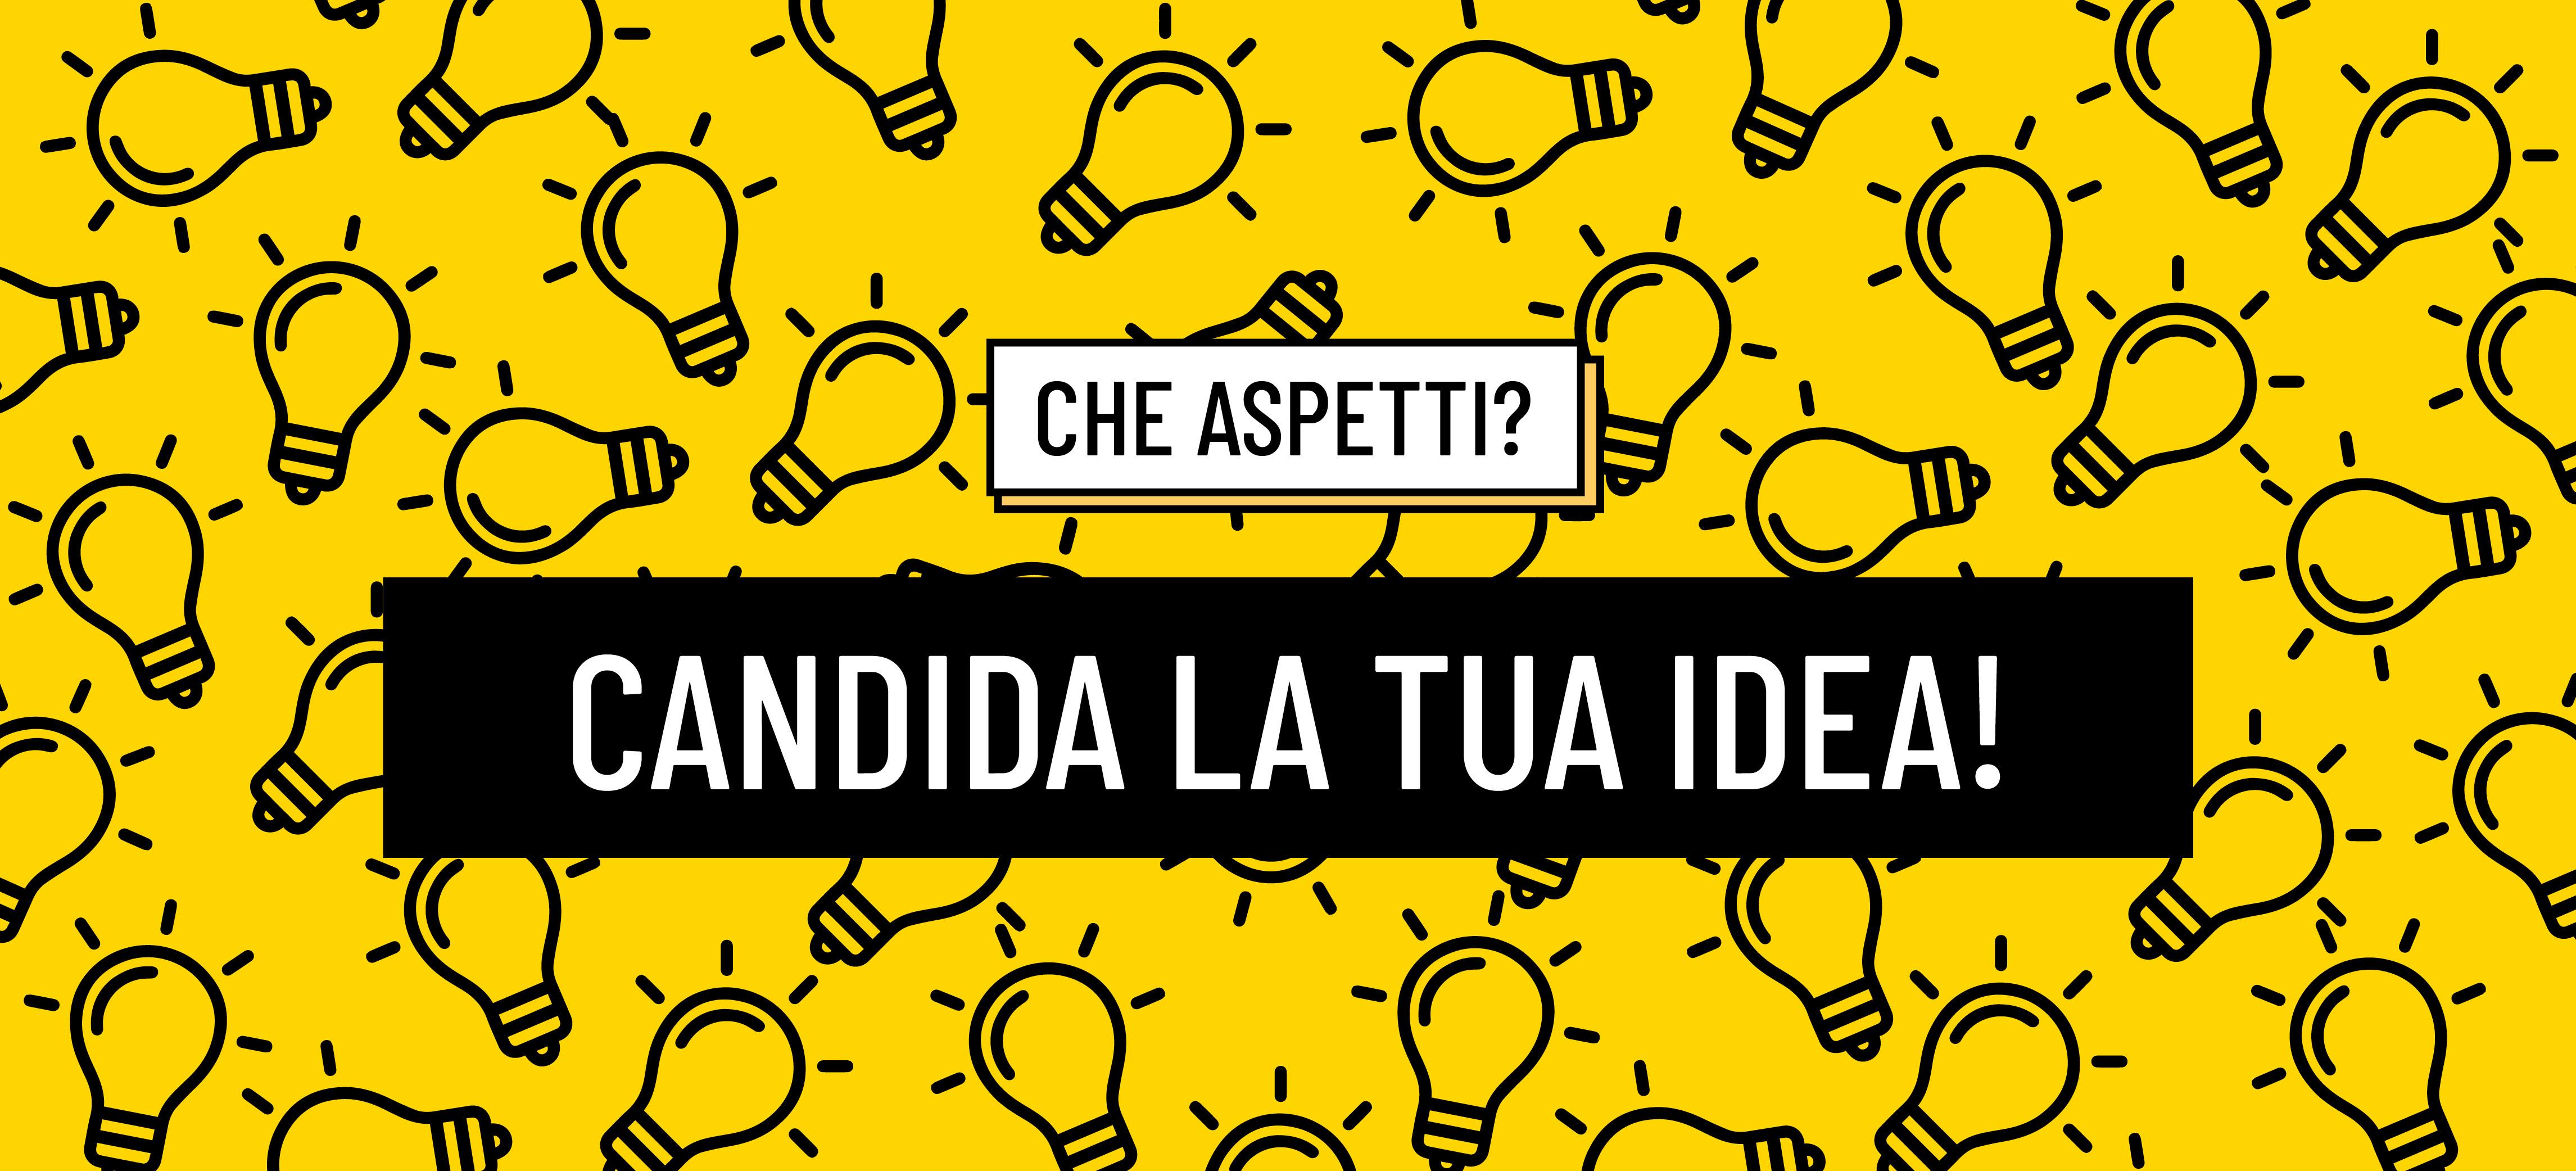 Candida la Tua Idea